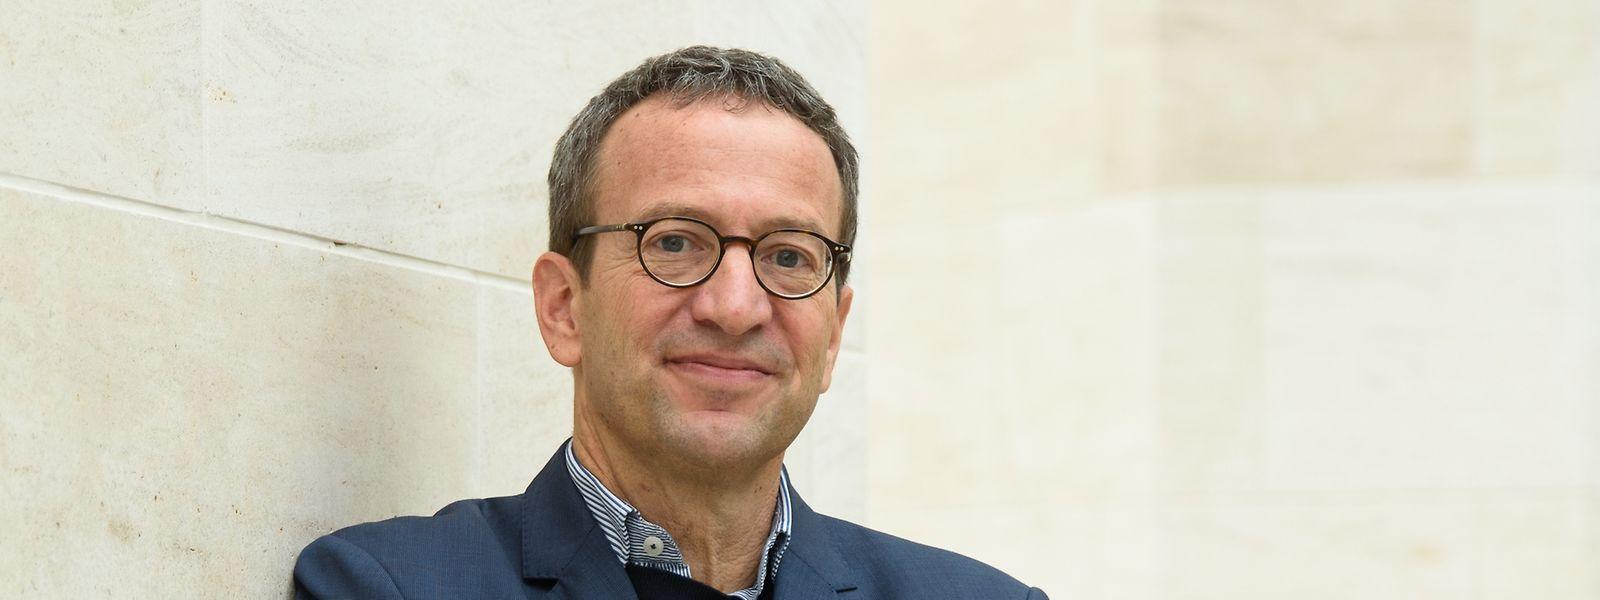 Einflussreicher Unternehmer: Laurent Loschetter